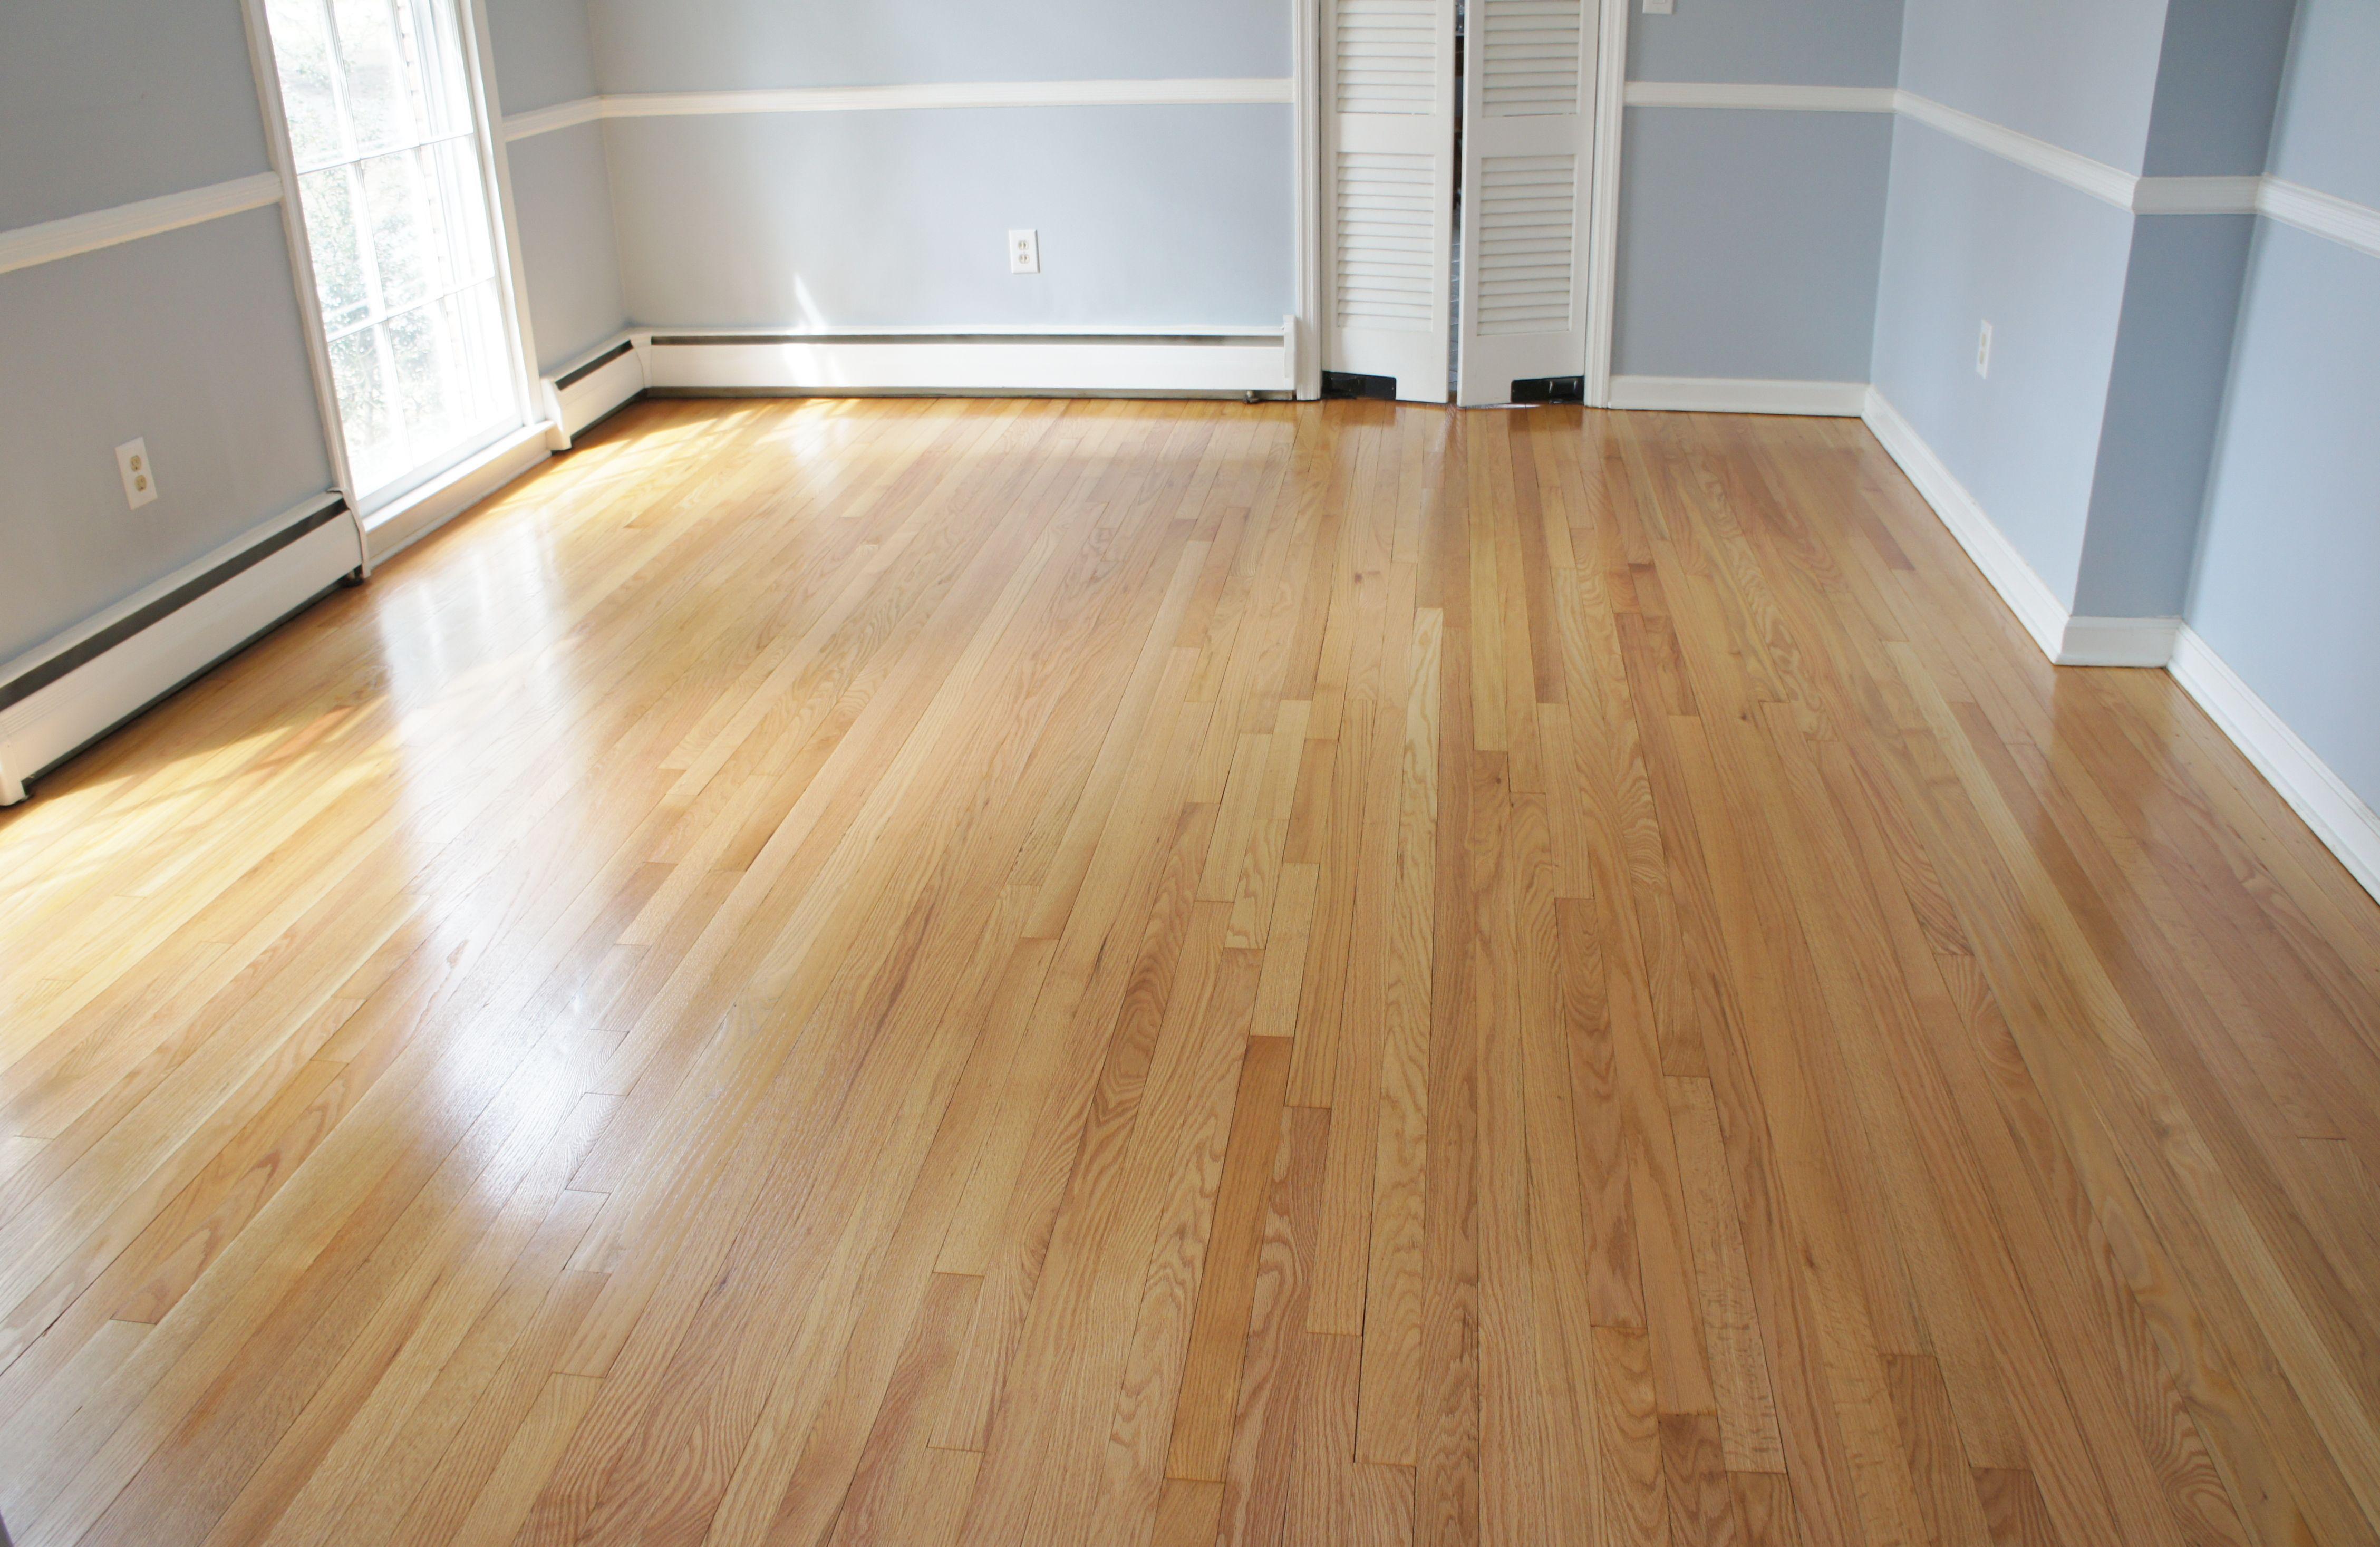 Keri Wood Floors Dustless Wood Floor Refinishing and